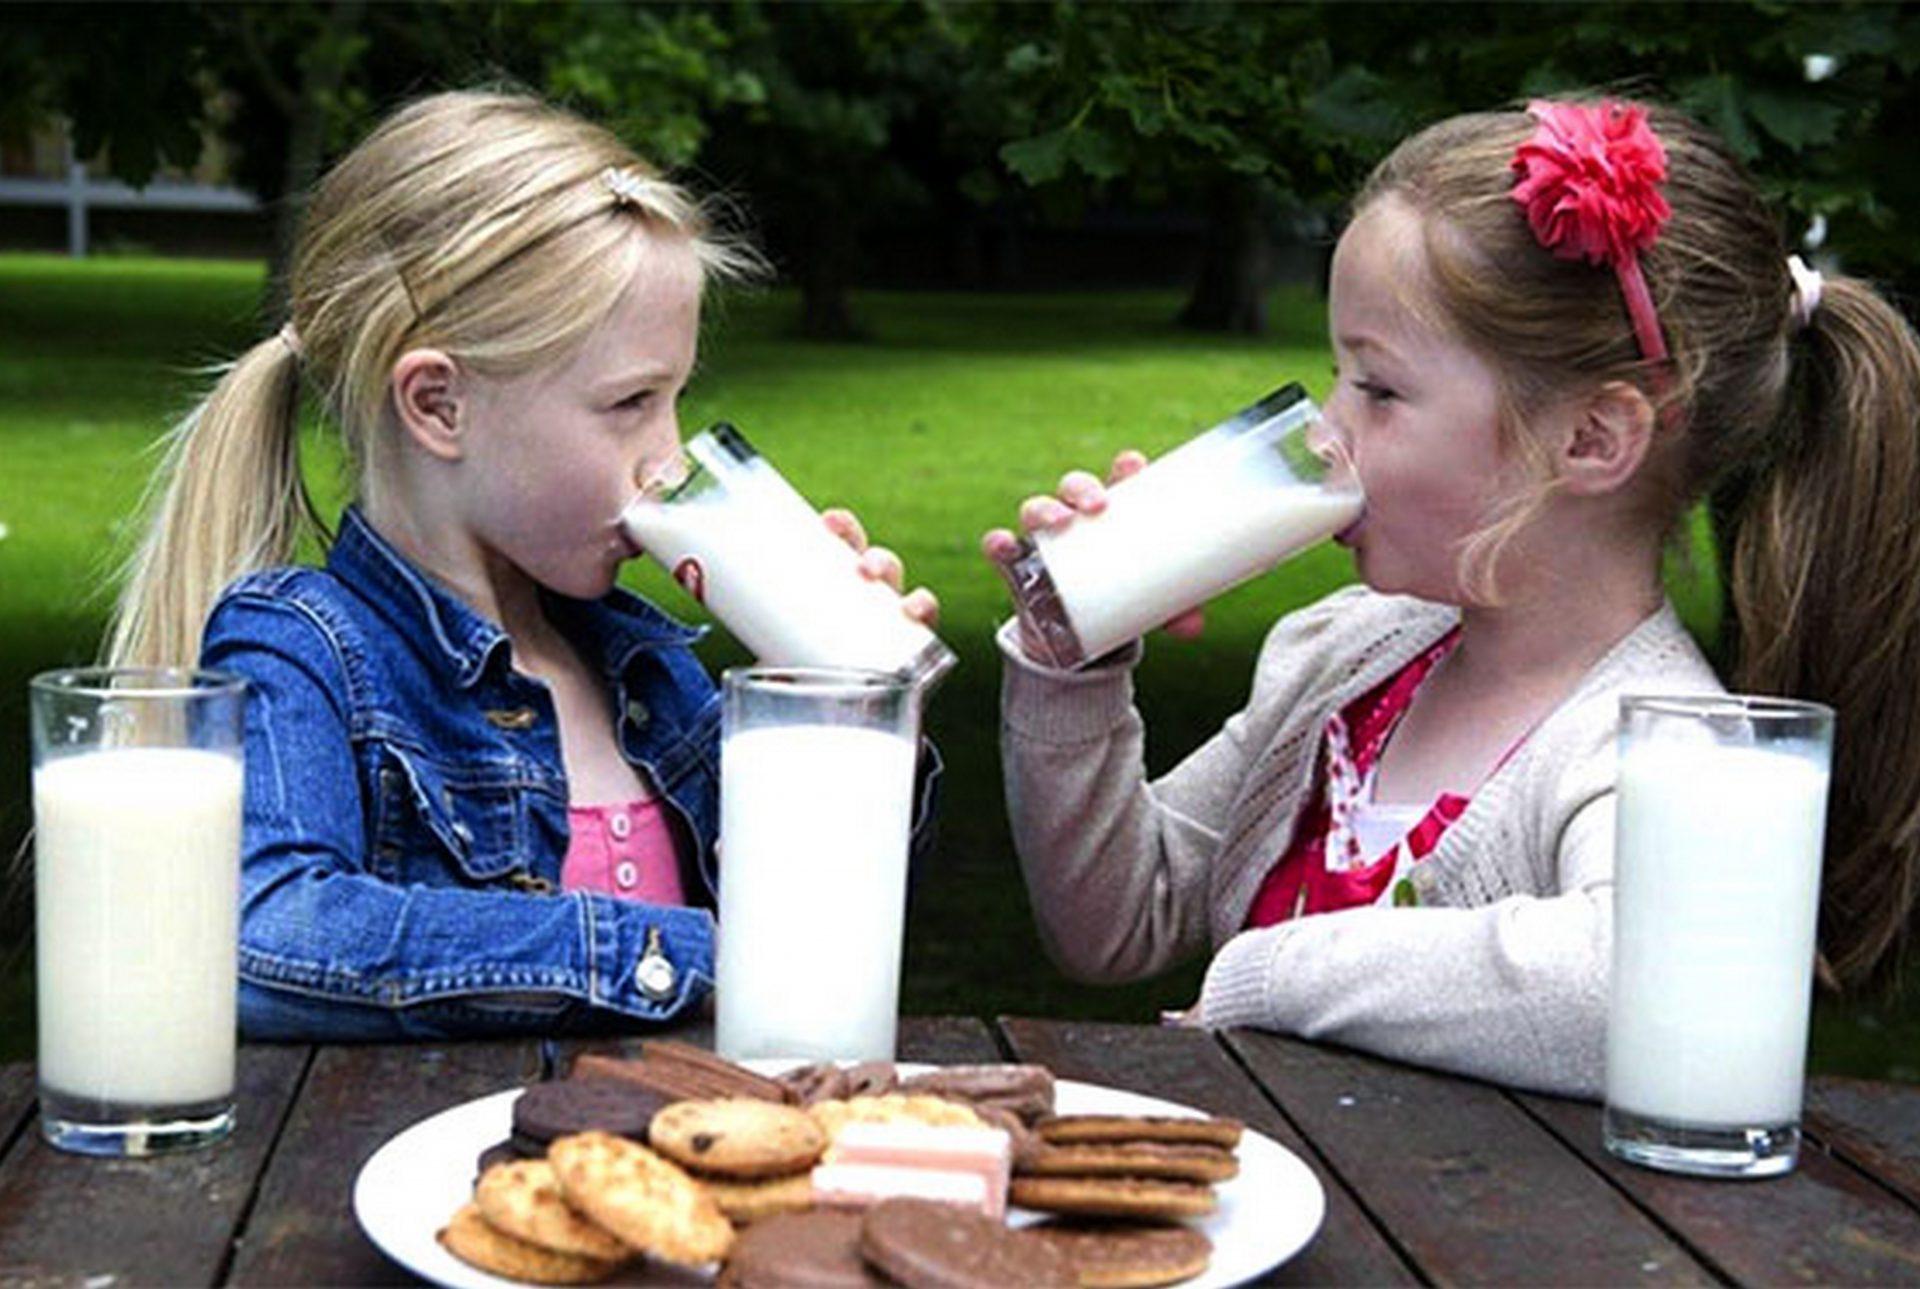 Можно ли пить каждый день молоко: польза, вредно ли это, что будет, как часто можно пить